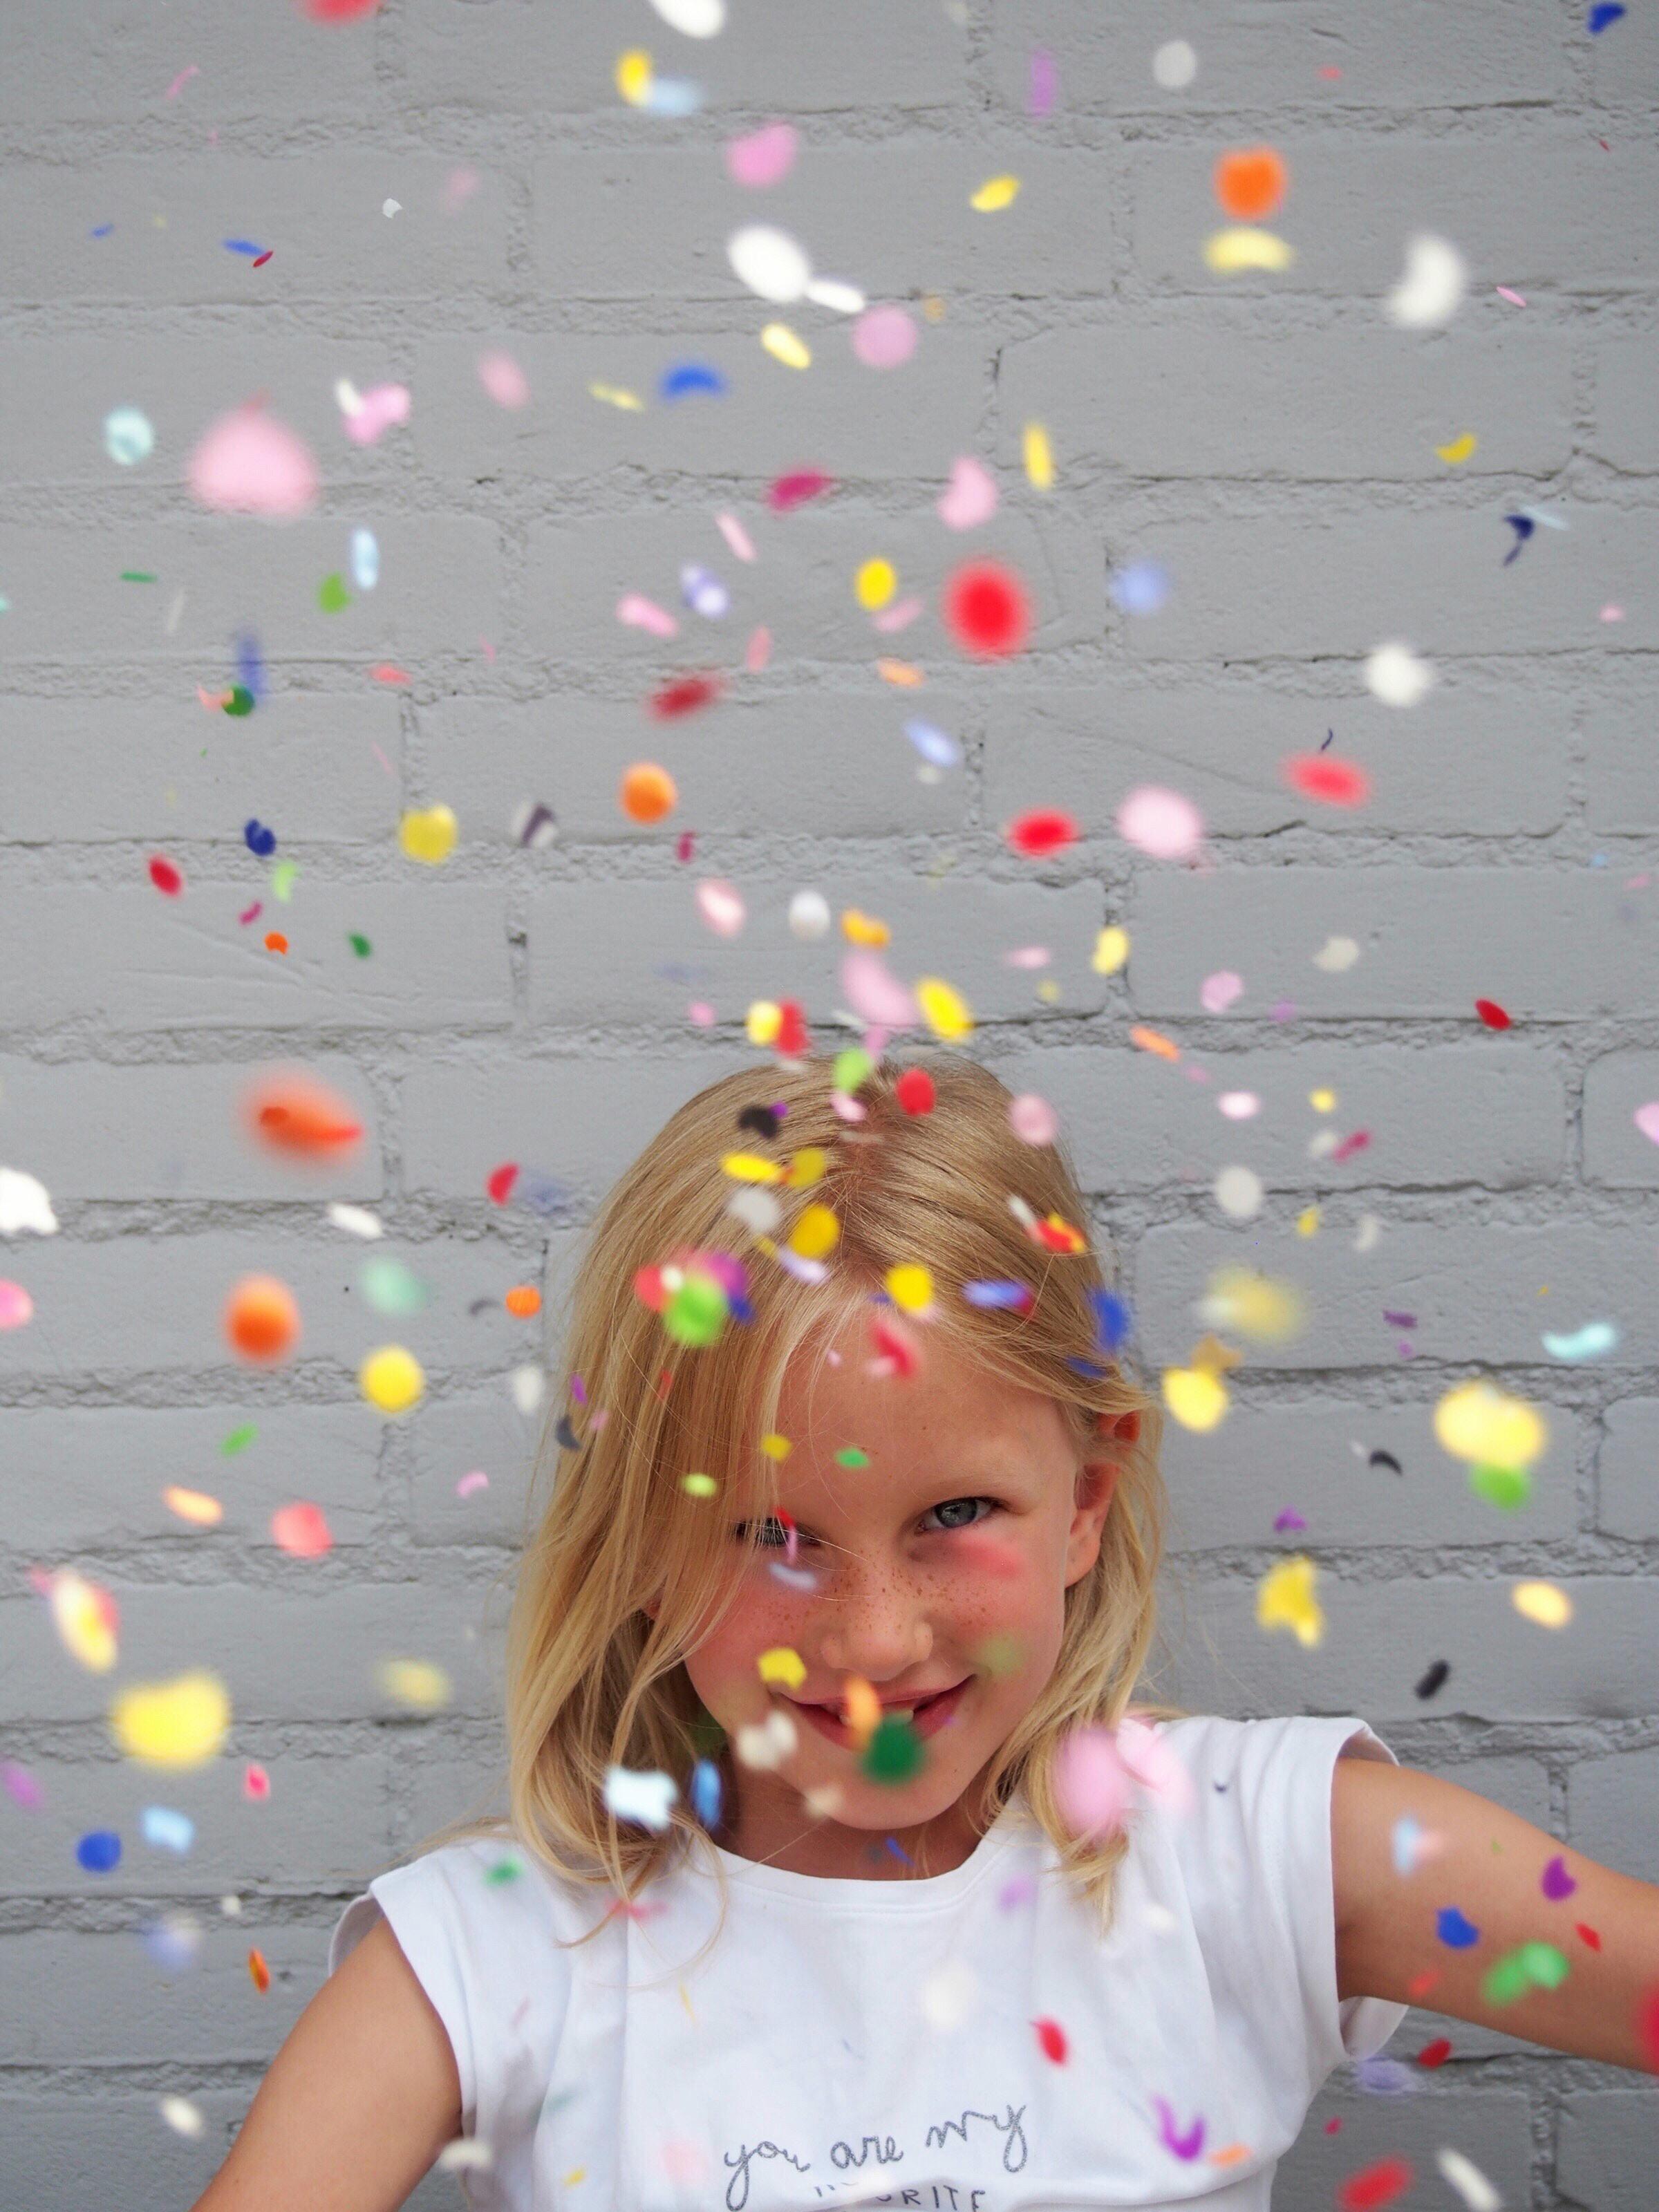 Happy girl portrait with confetti